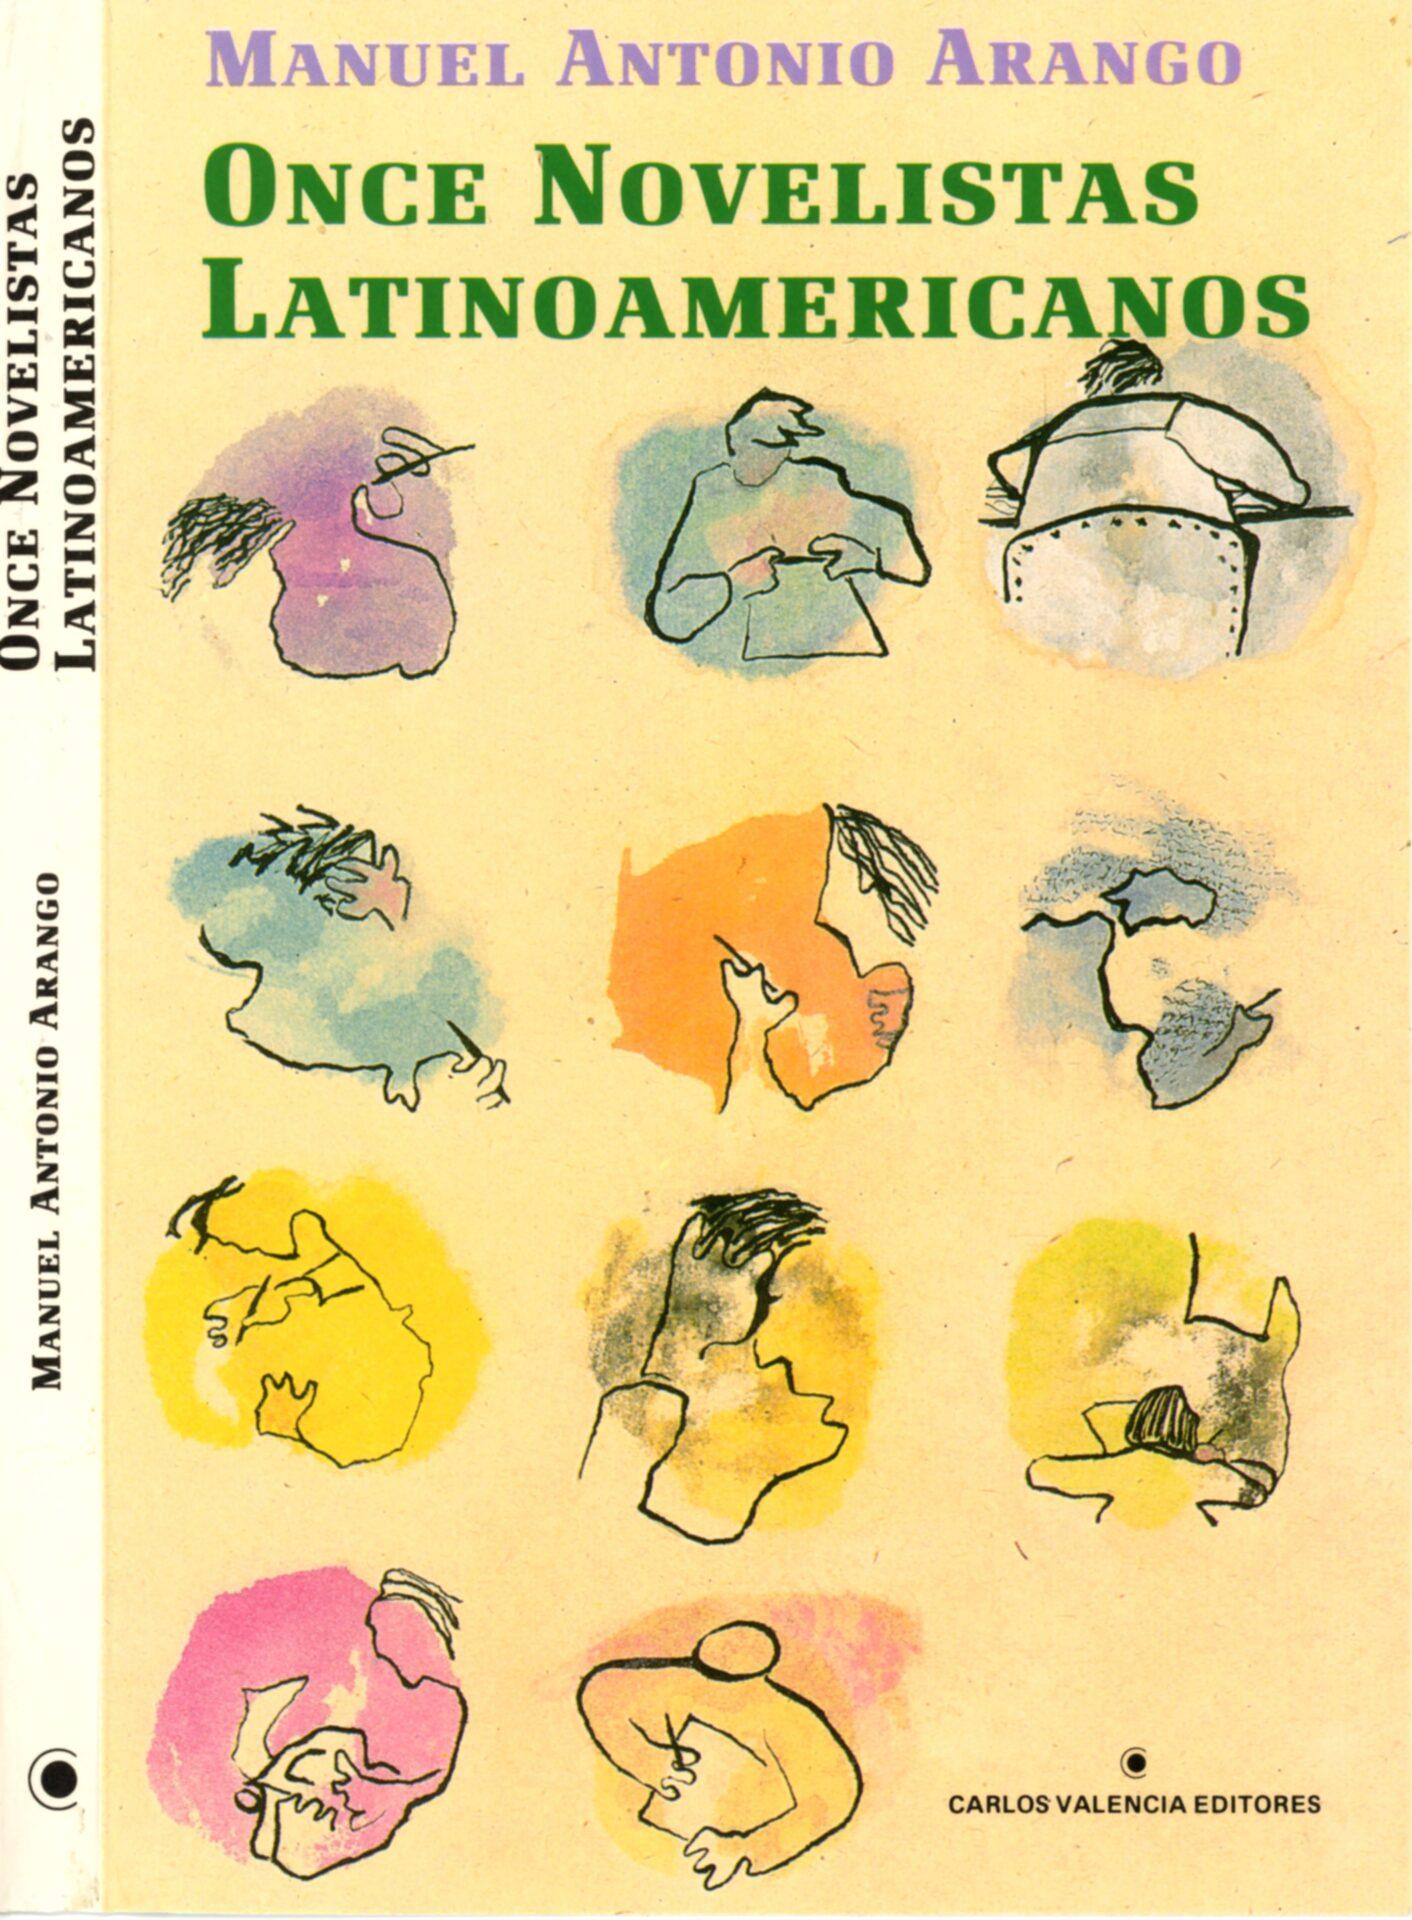 Arango L. Manuel Antonio. Once Novelistas Hispanoamericanos. 1a ed. Bogota. Carlos Valencia Editores.1985